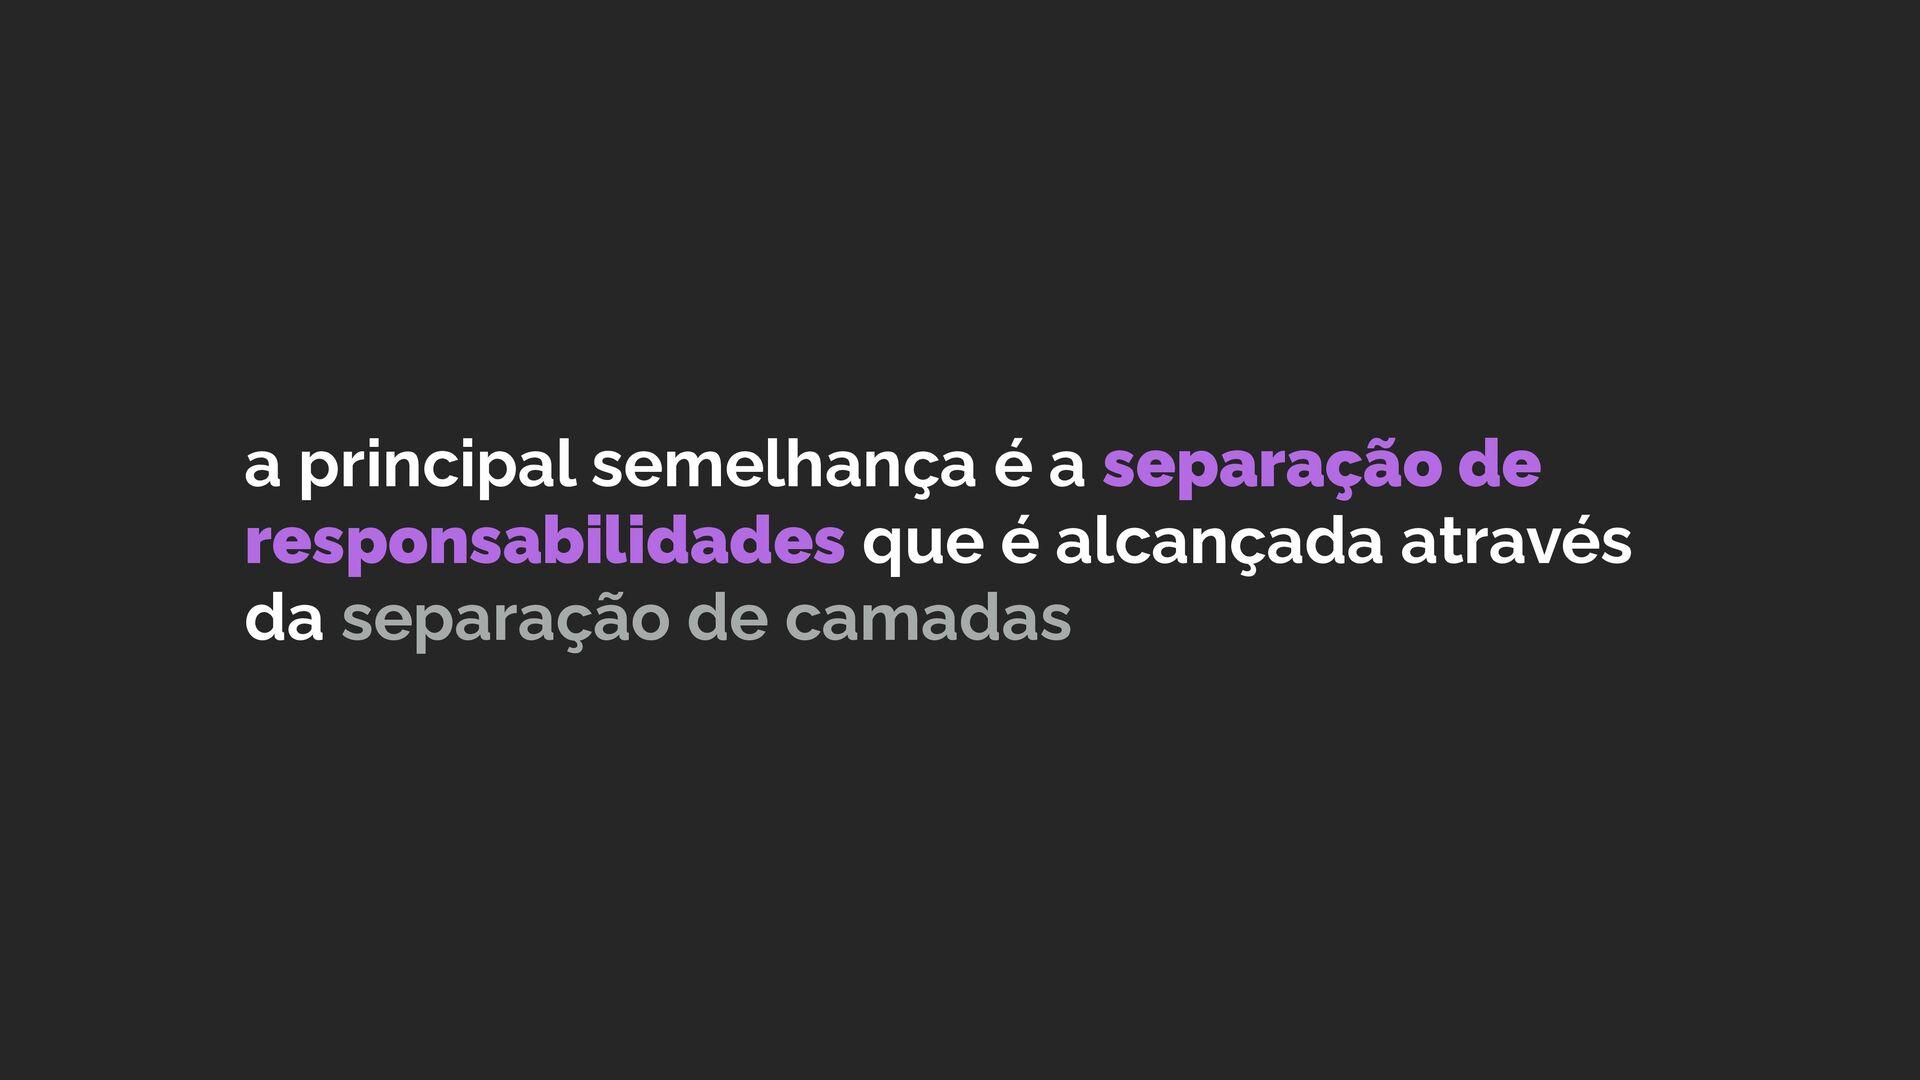 desde princípios básicos como coesão e acoplame...